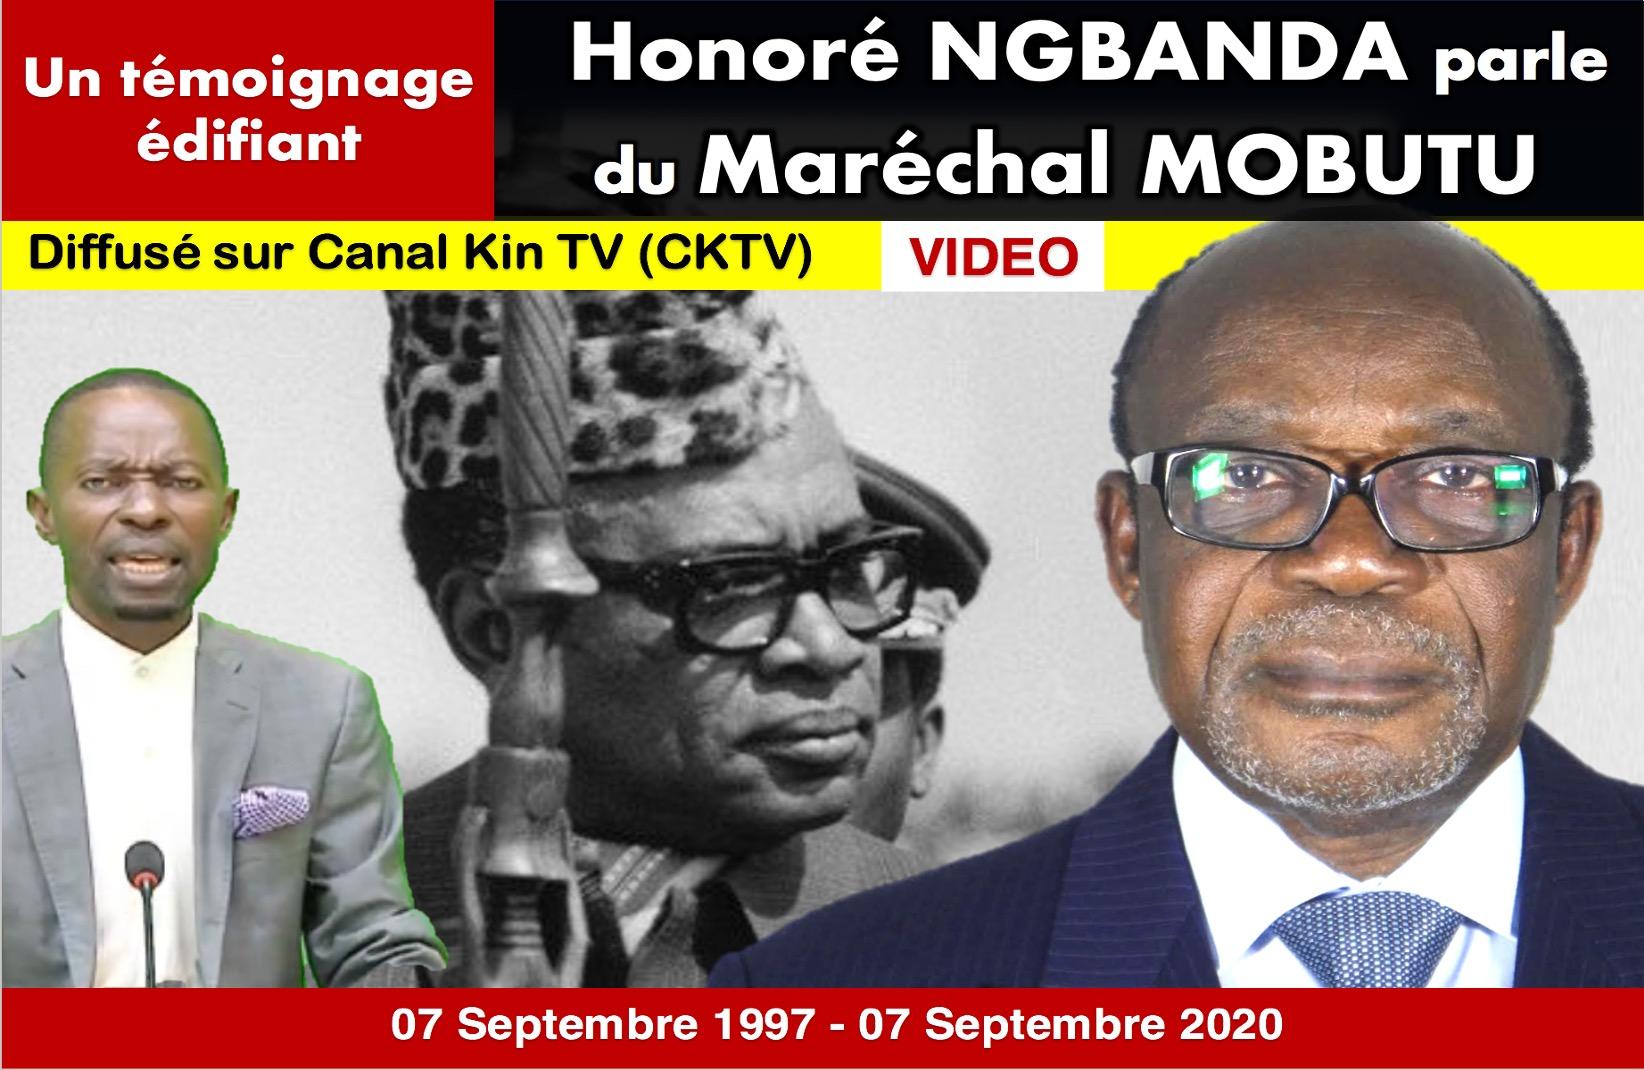 Ngbanda parle de Mobutu.bis